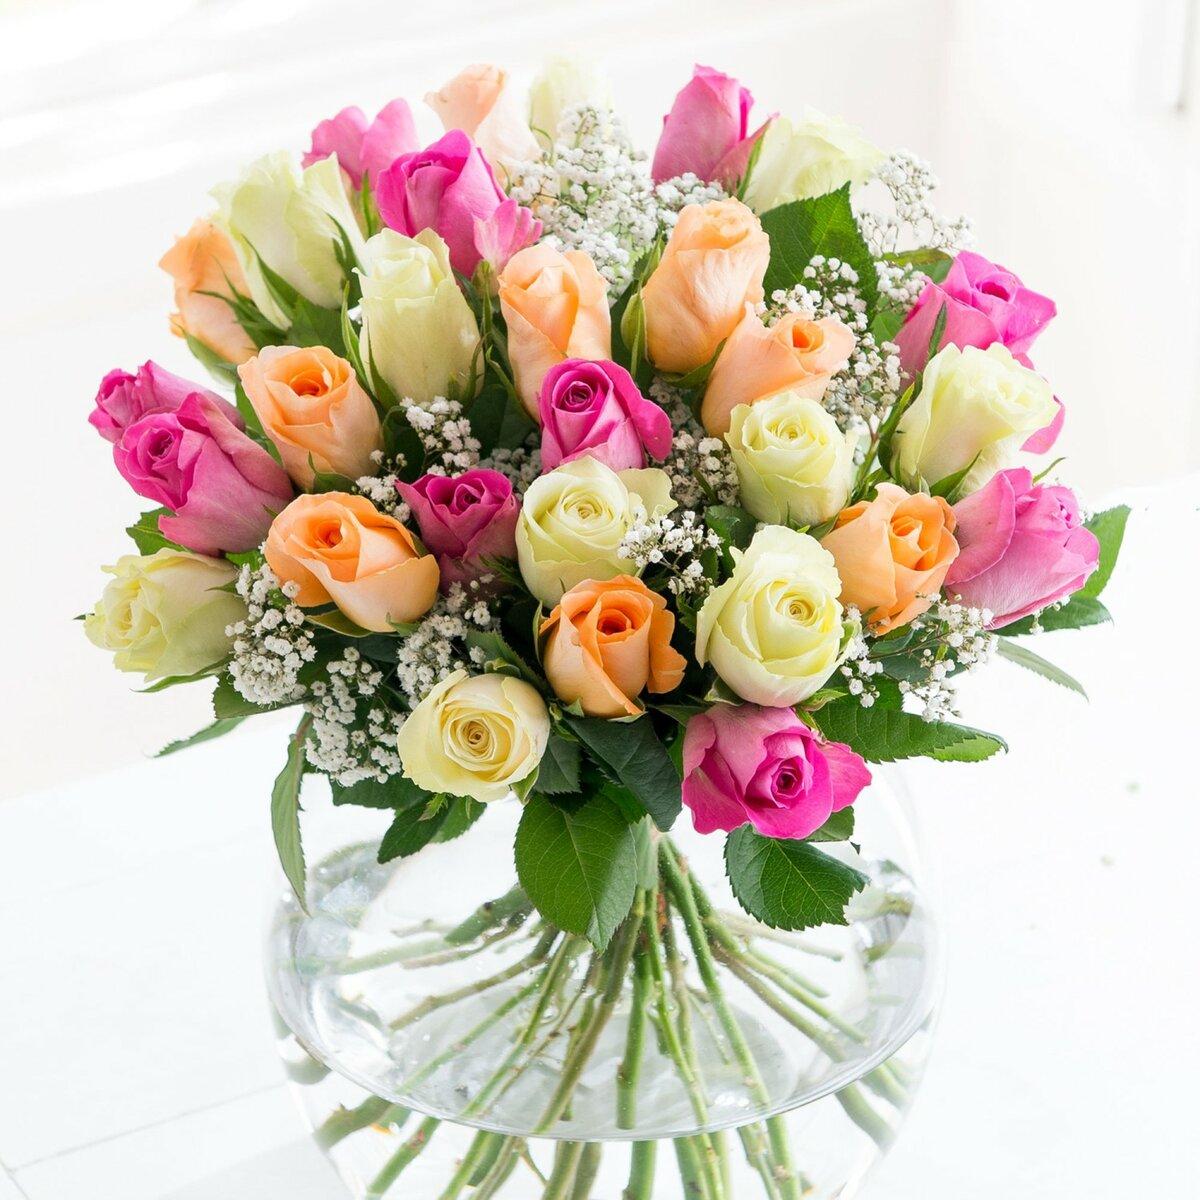 Какой букет красивее или красивее, закупка цветов